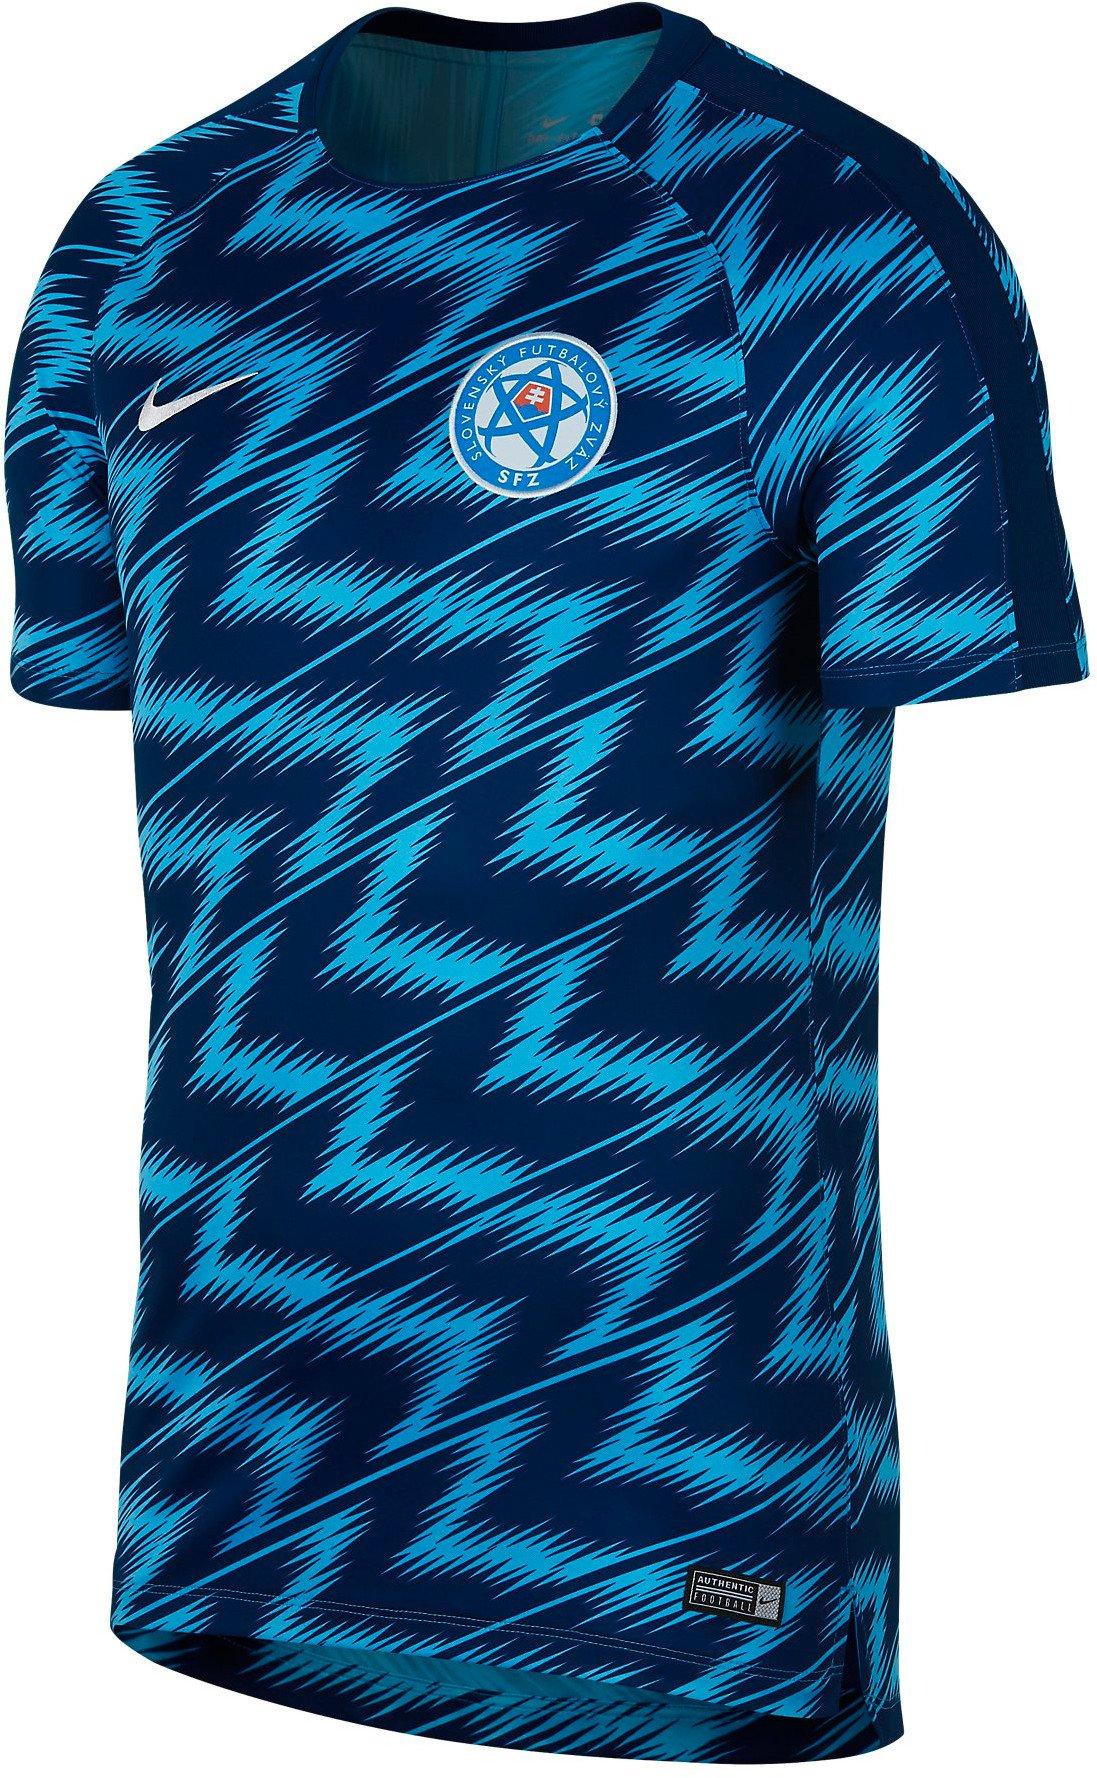 Tee shirt Nike SFZ M NK DRY SQD TOP SS GX